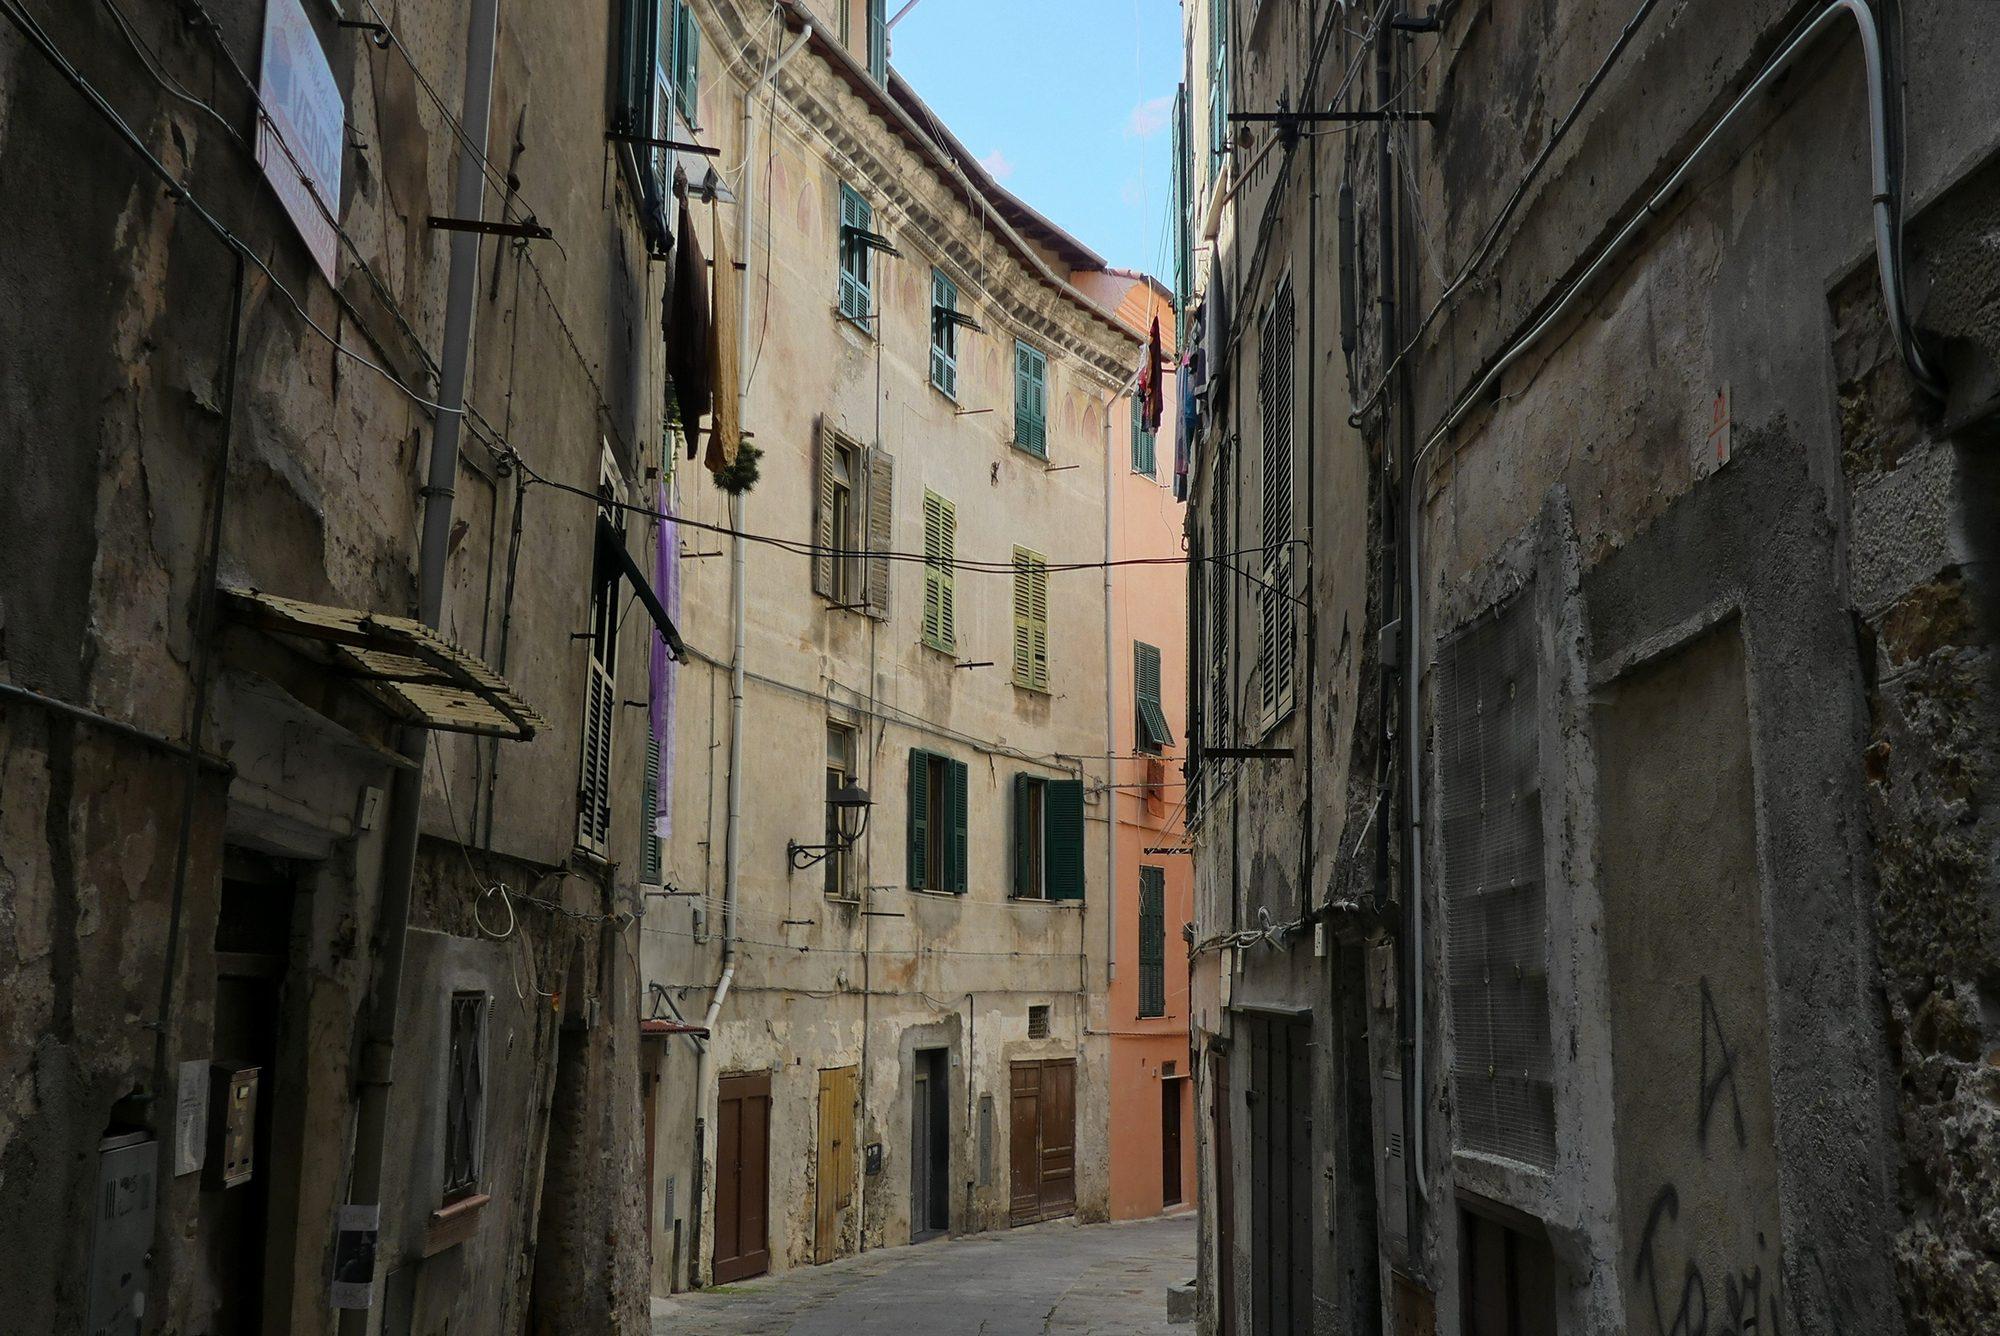 Gasse in der Altstadt von Ventimiglia Italien